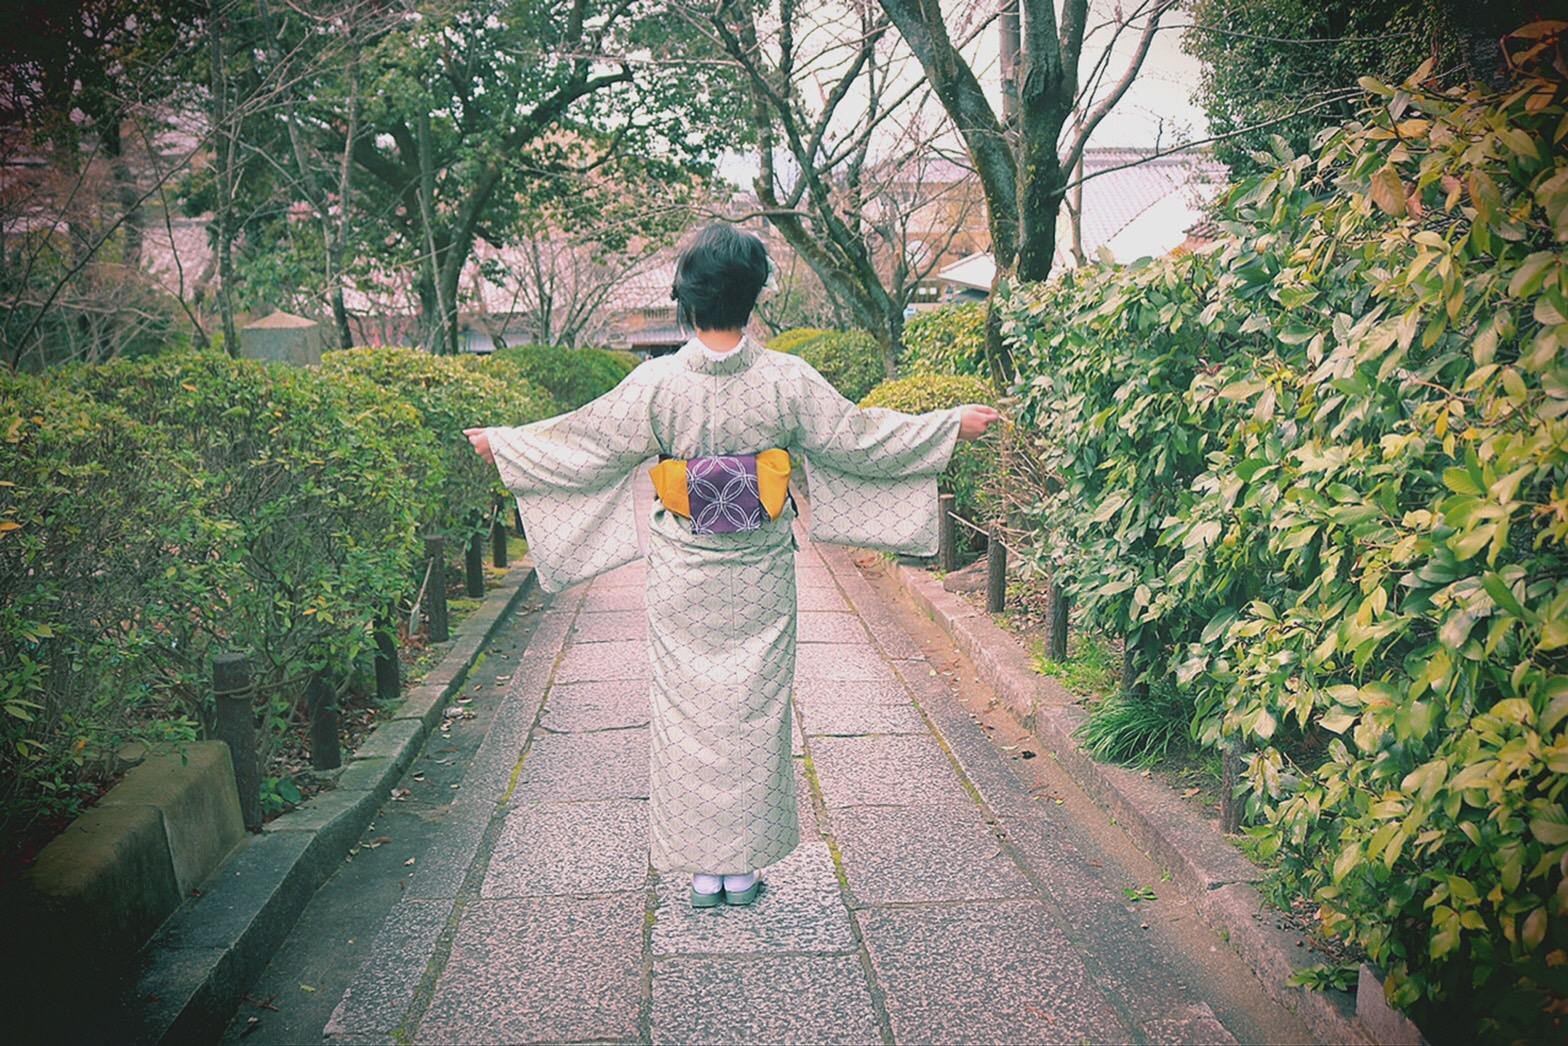 広島から卒業旅行の大学生♡2019年3月14日3